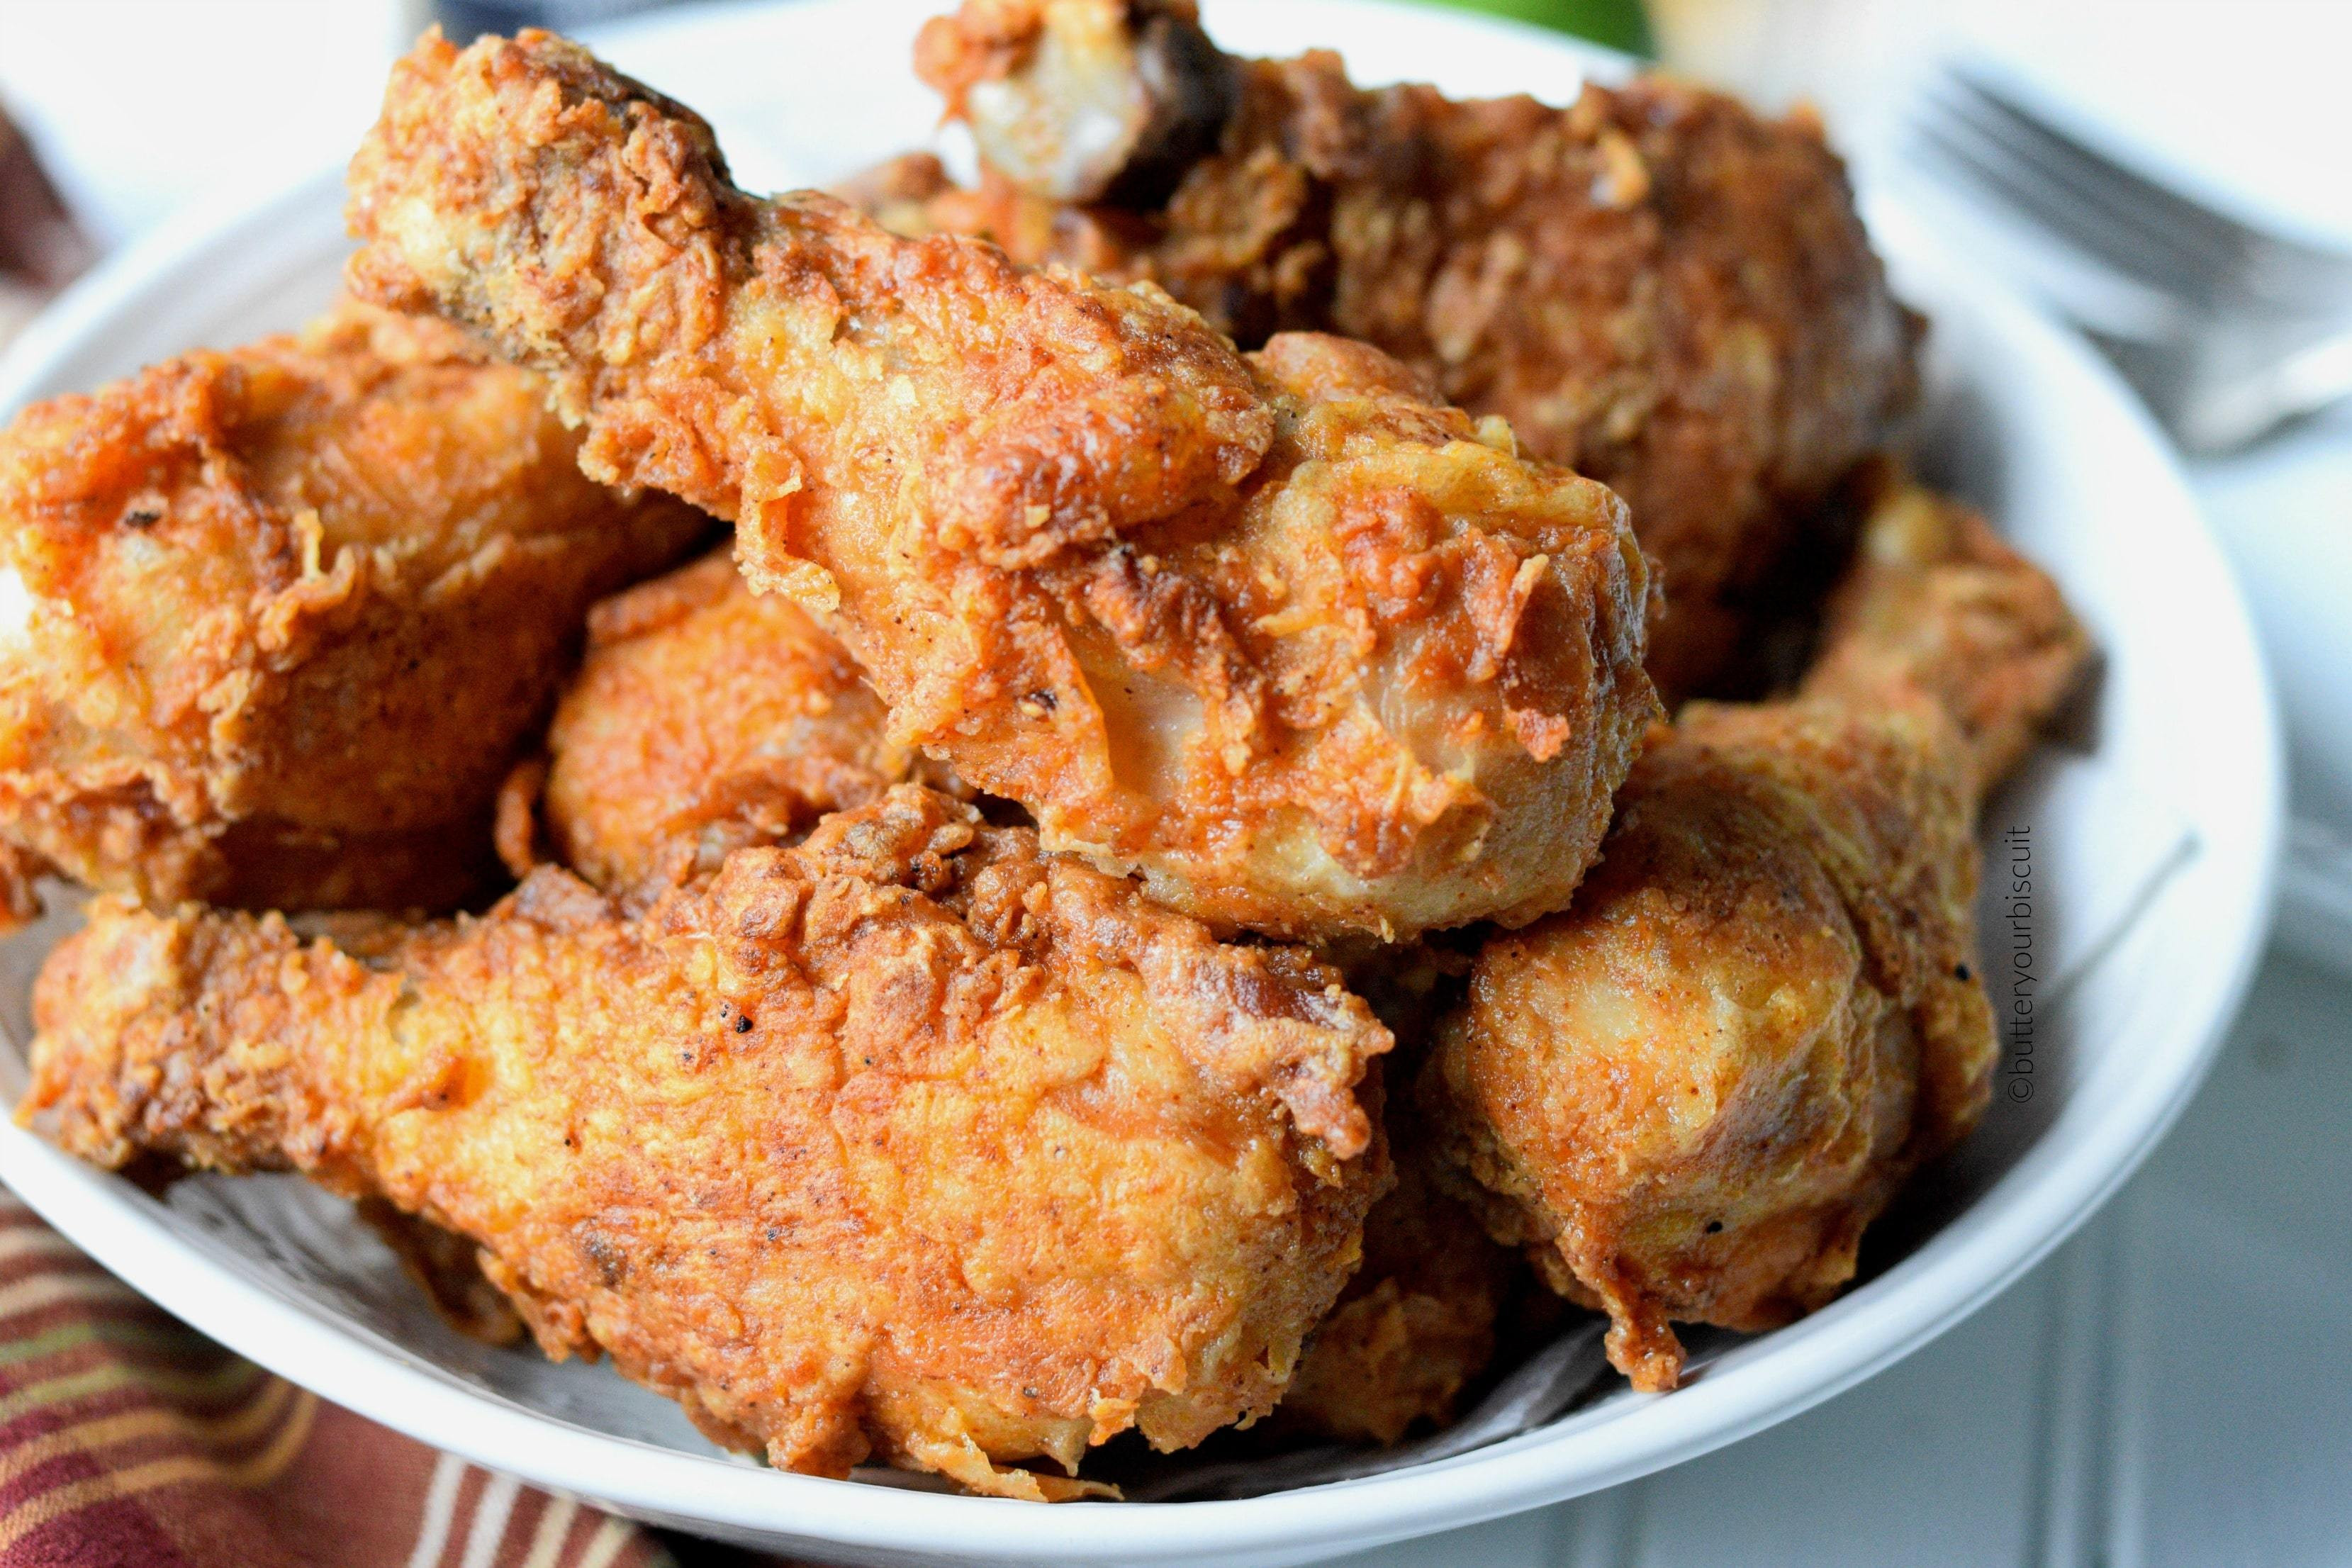 Fried Chicken Leg  deep fried chicken legs